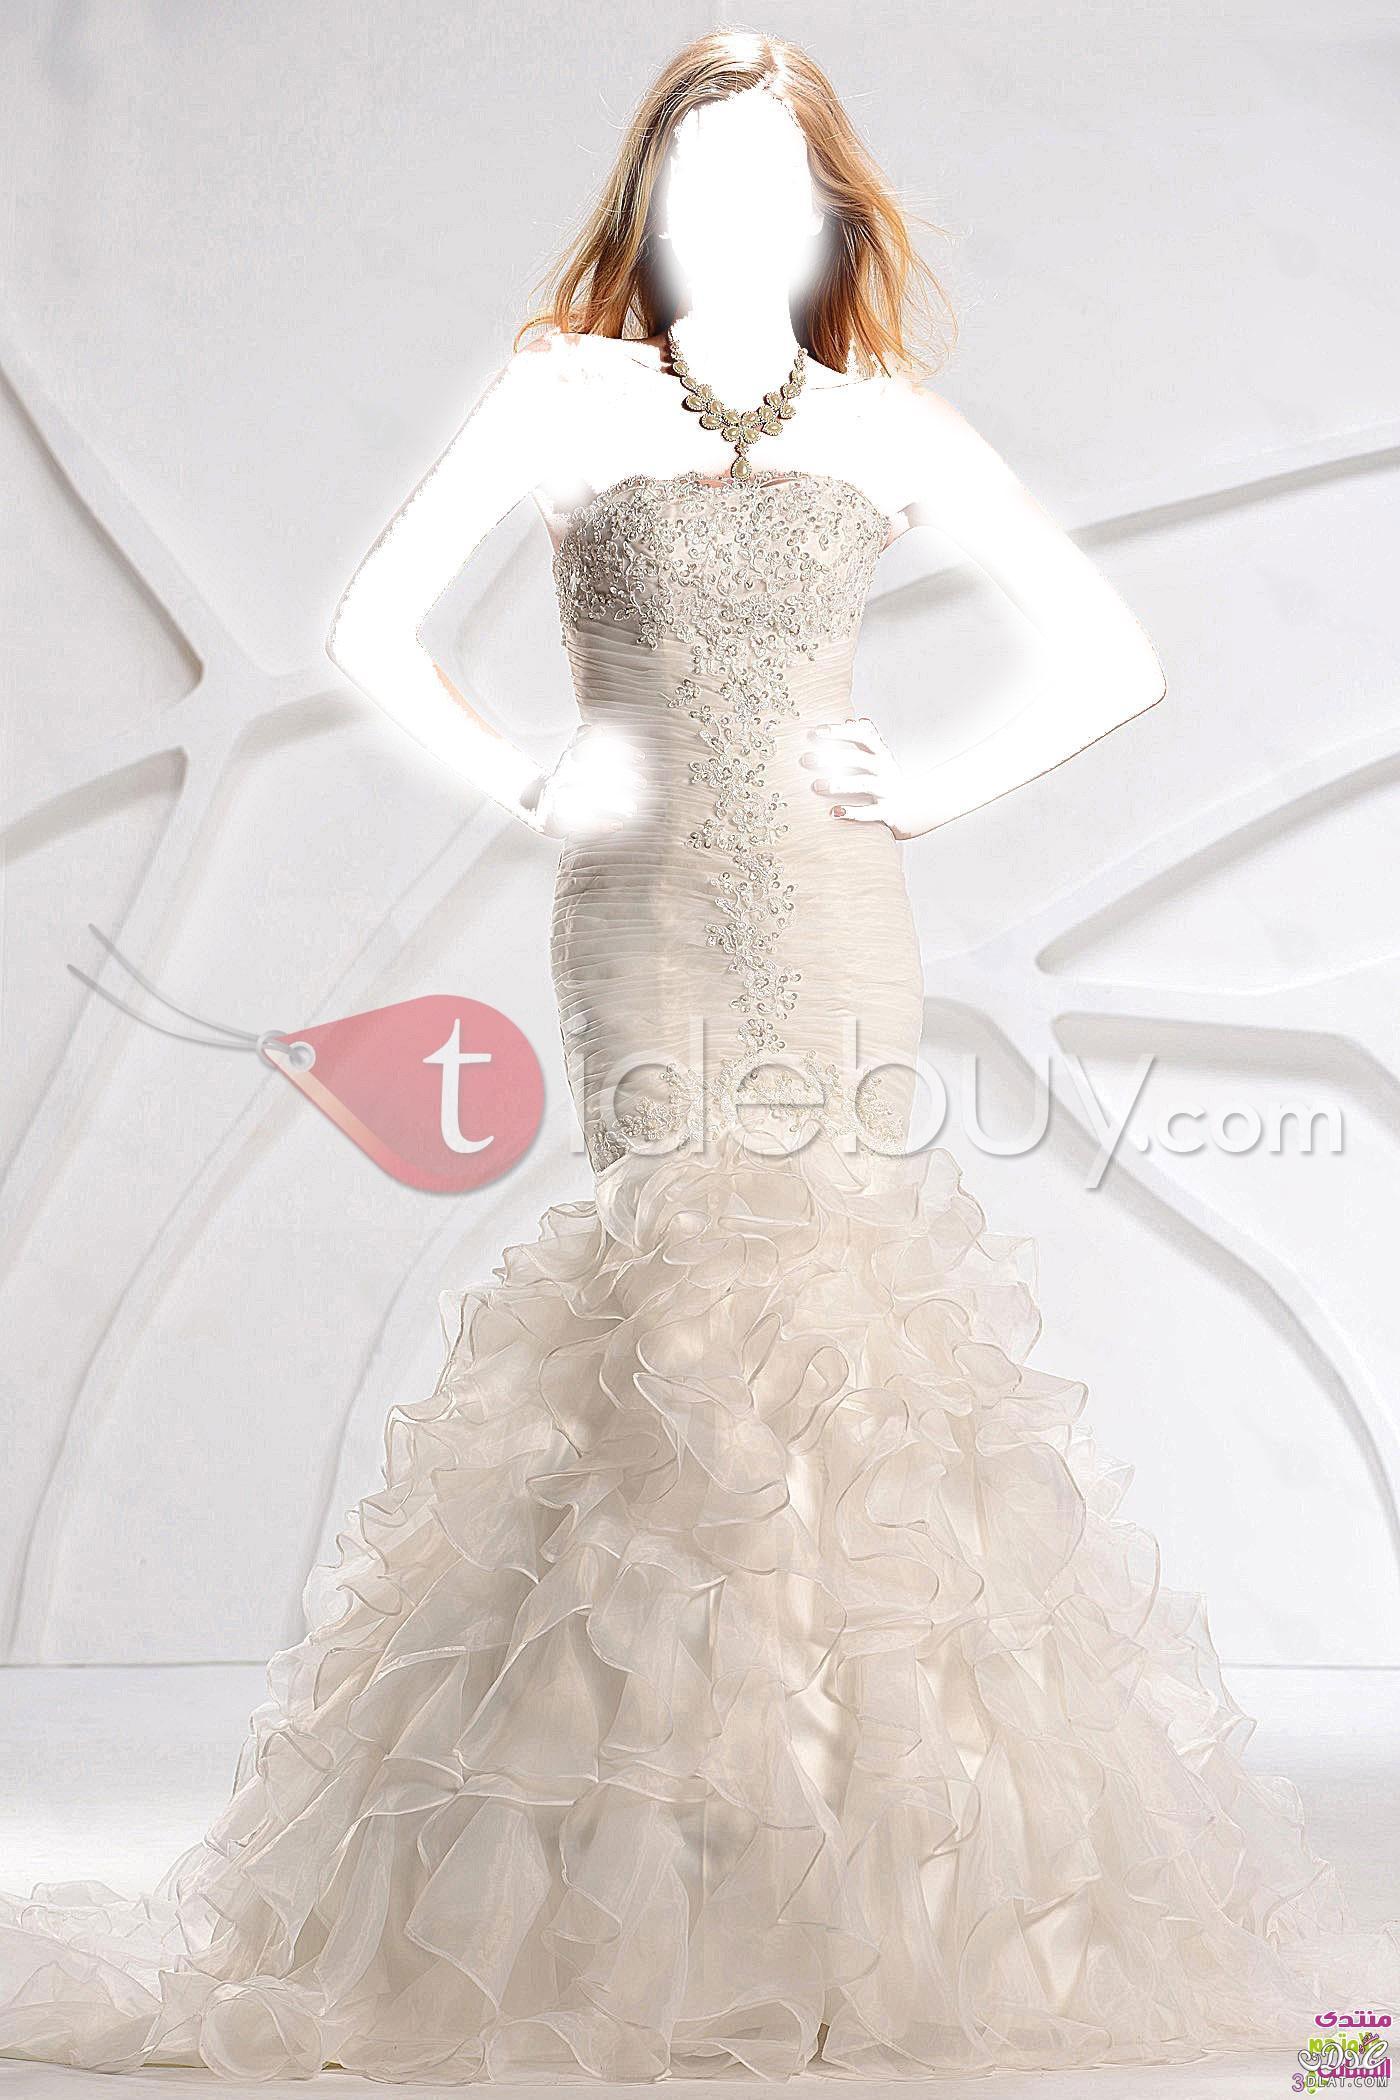 فساتين زفاف 2021 - فساتين زفاف جميلة جدا 2021 - فساتين زفاف للانيقات